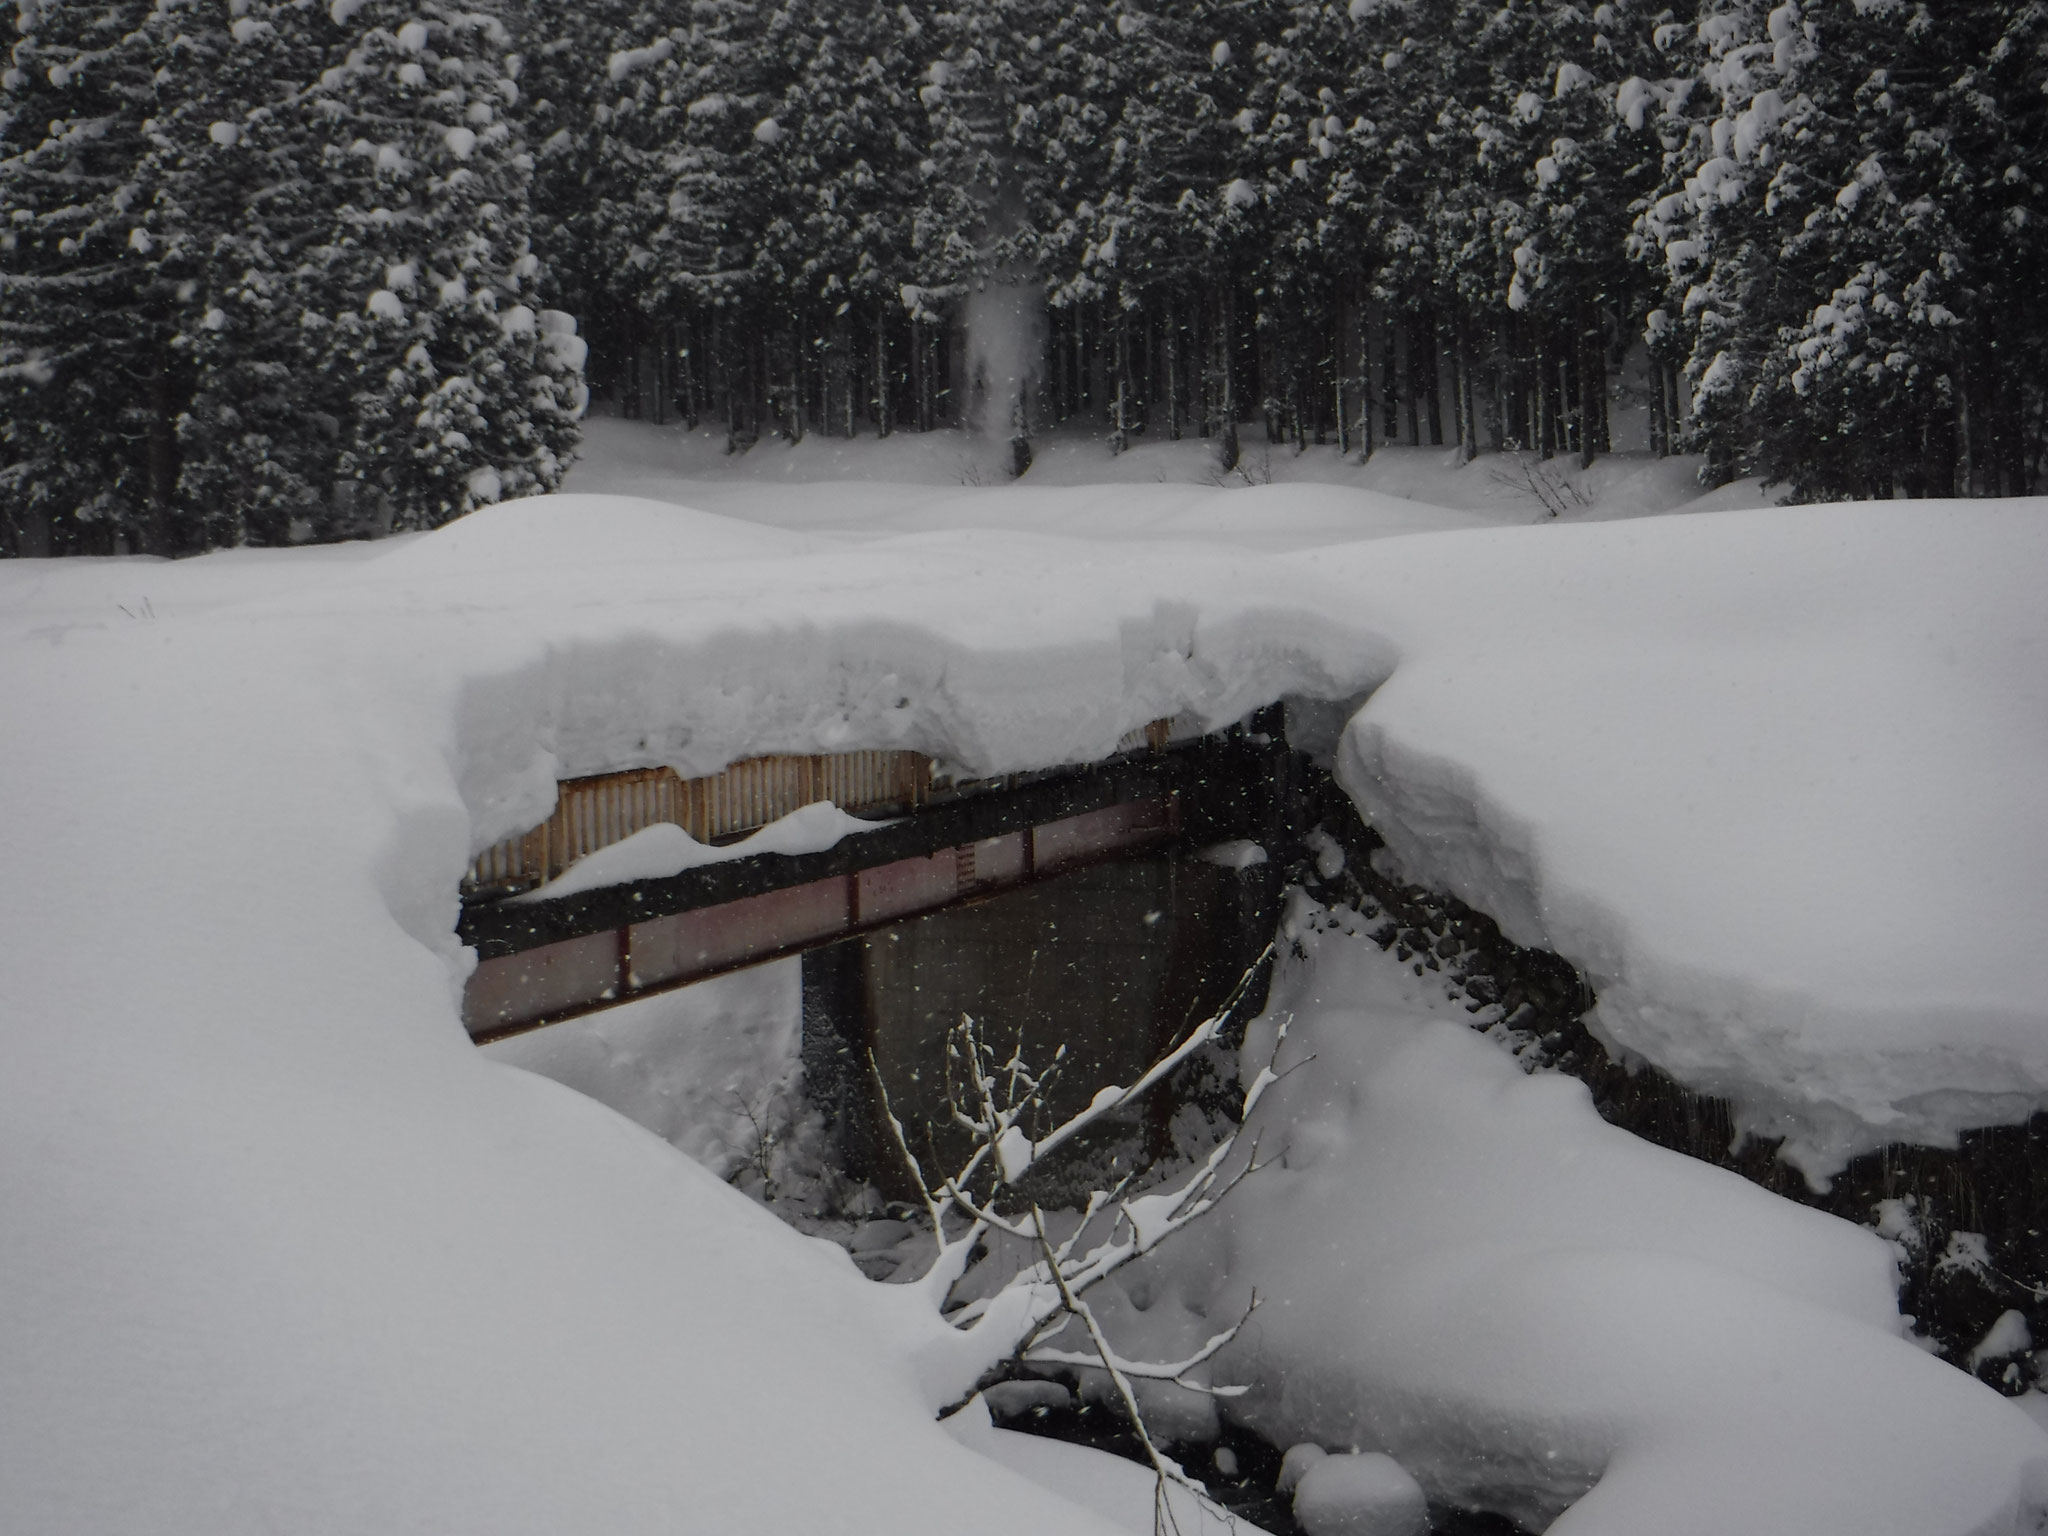 8:10 広堀橋上の積雪は2mほどか